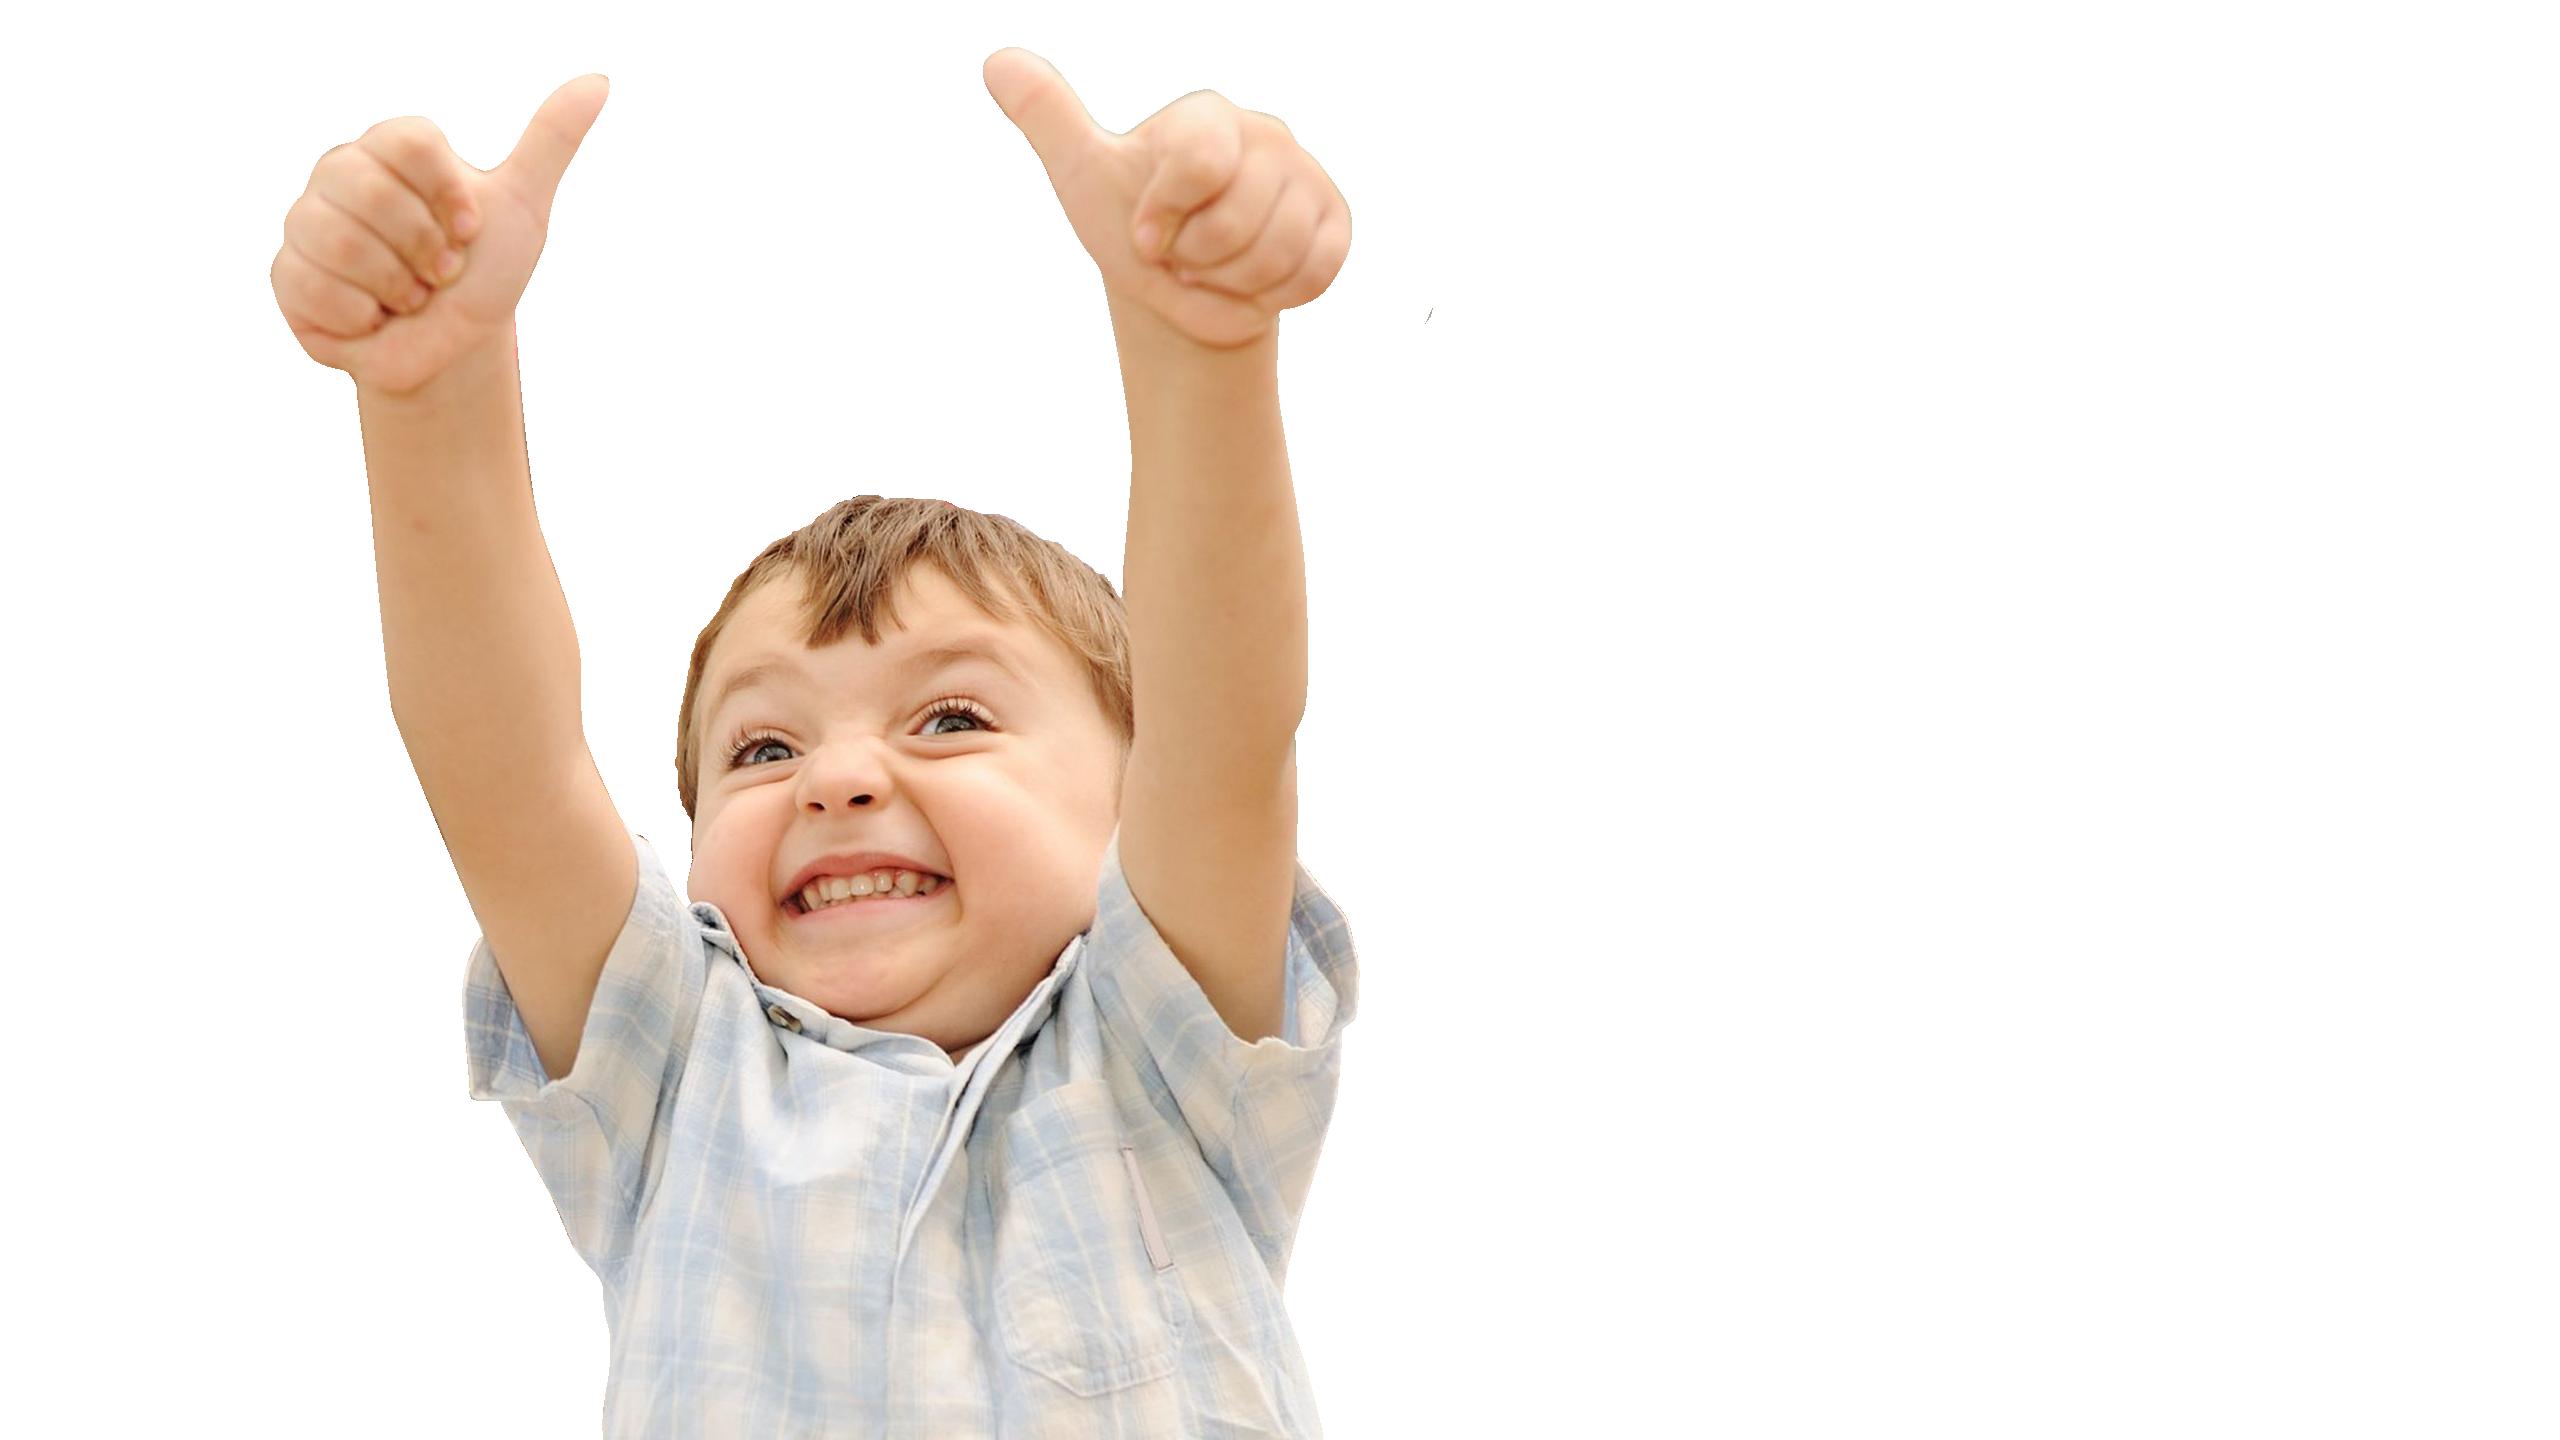 Kids Smiling PNG HD - 126514